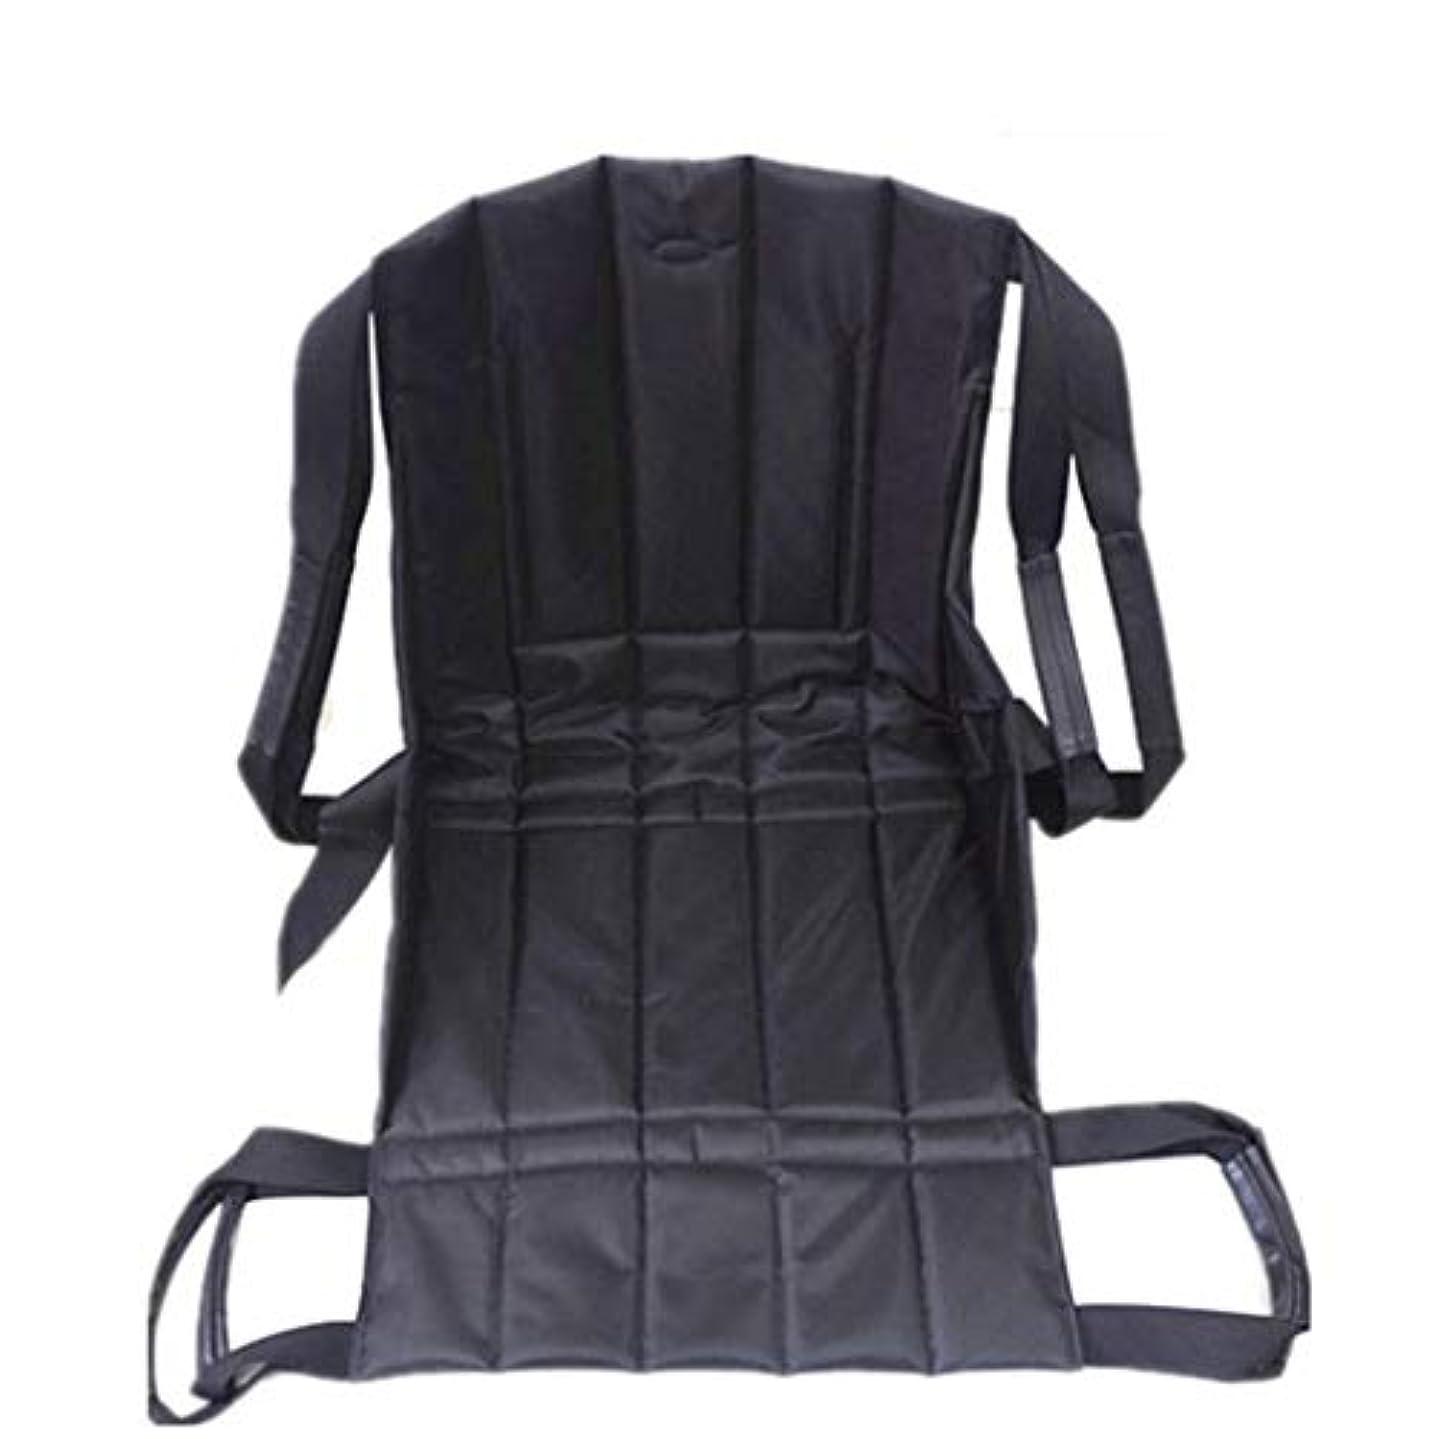 逸脱凍った証言患者リフト階段スライドボード移動緊急避難用椅子車椅子シートベルト安全全身医療用リフティングスリングスライディング移動ディスク使用高齢者用